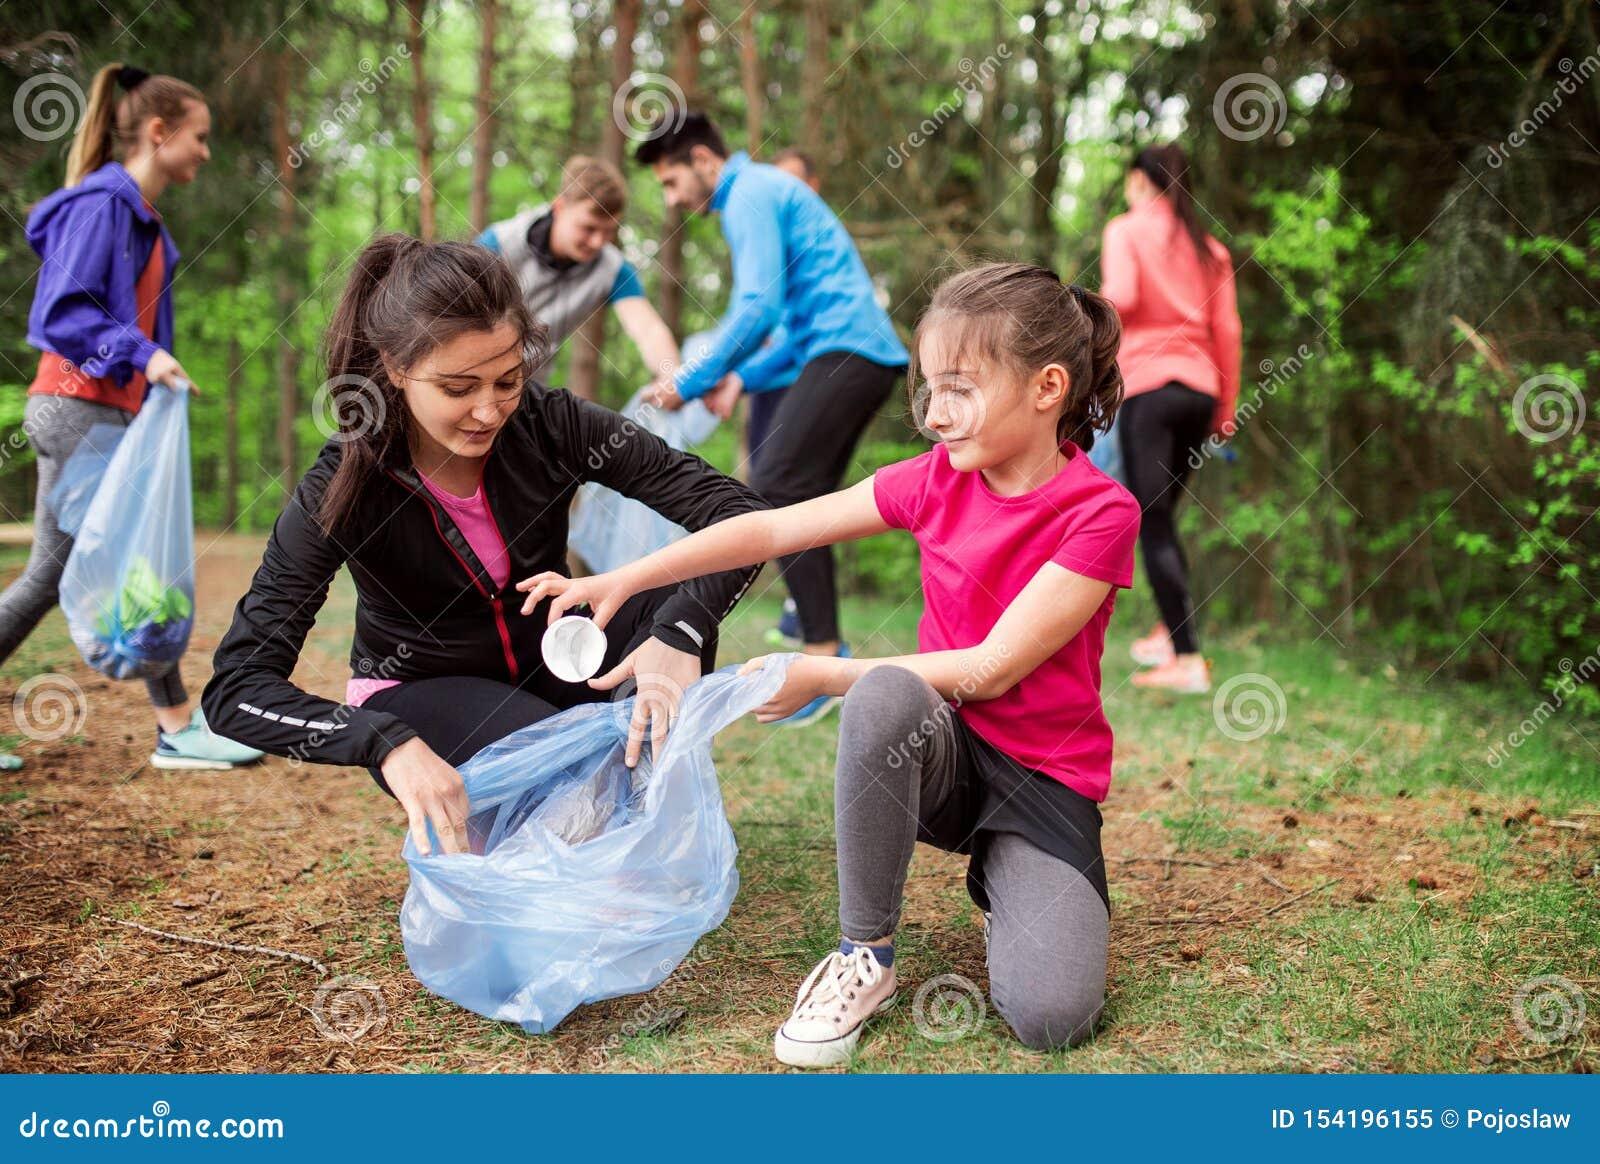 拾起废弃物本质上,一个plogging的概念的小组活跃人民